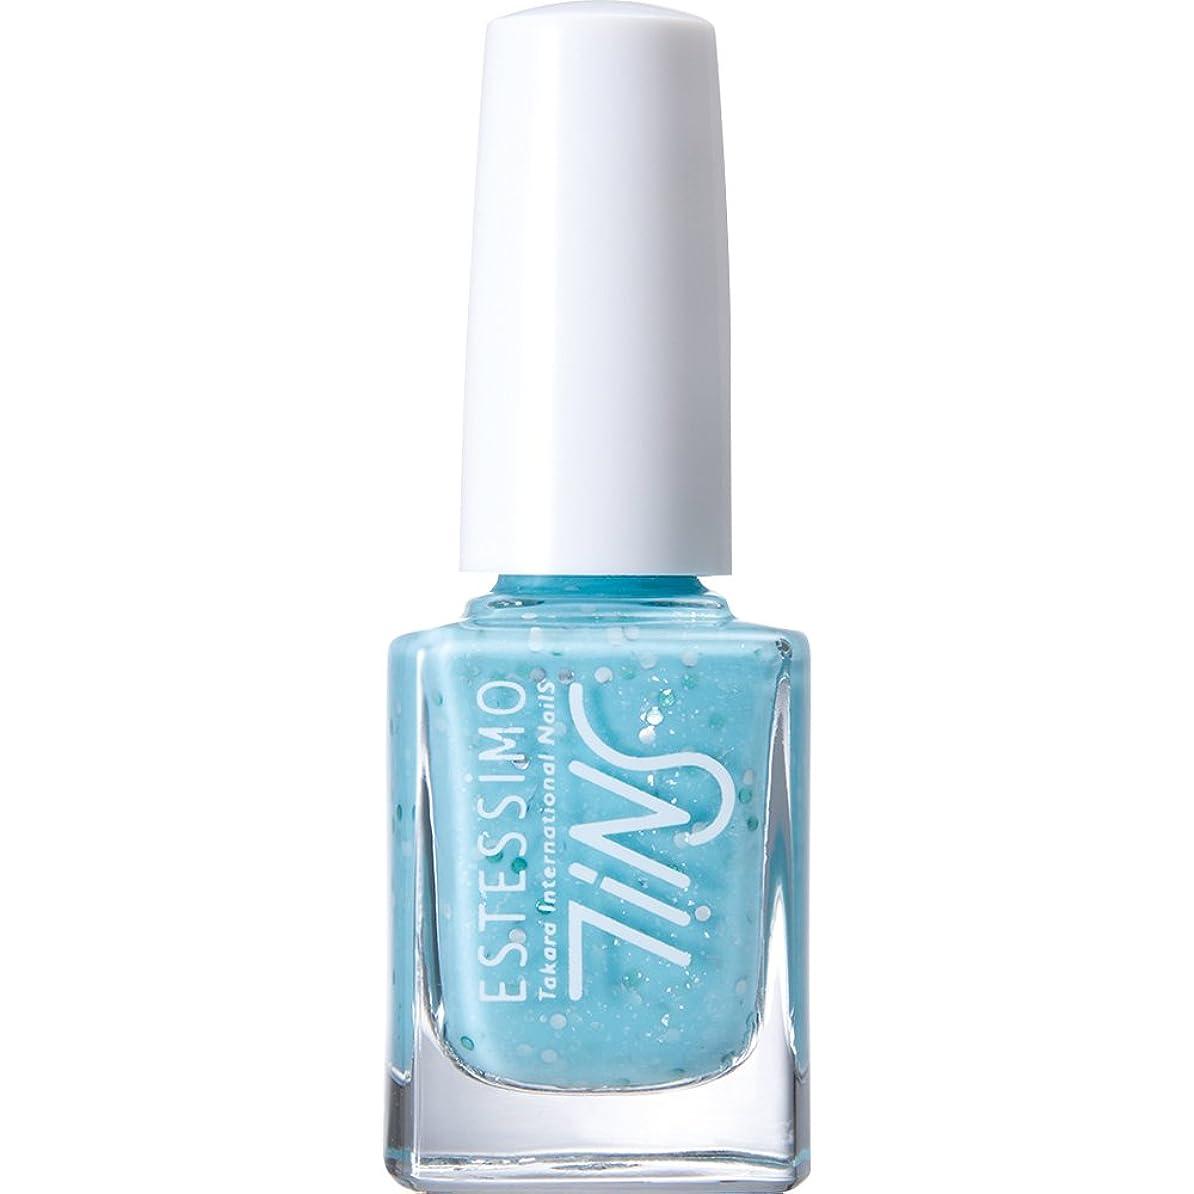 気分言及するラップトップTiNS カラーポリッシュ 804 フィジーブルーパンチ 11ml 2015年春の限定色「Sugarsprinkles! 」シリーズ